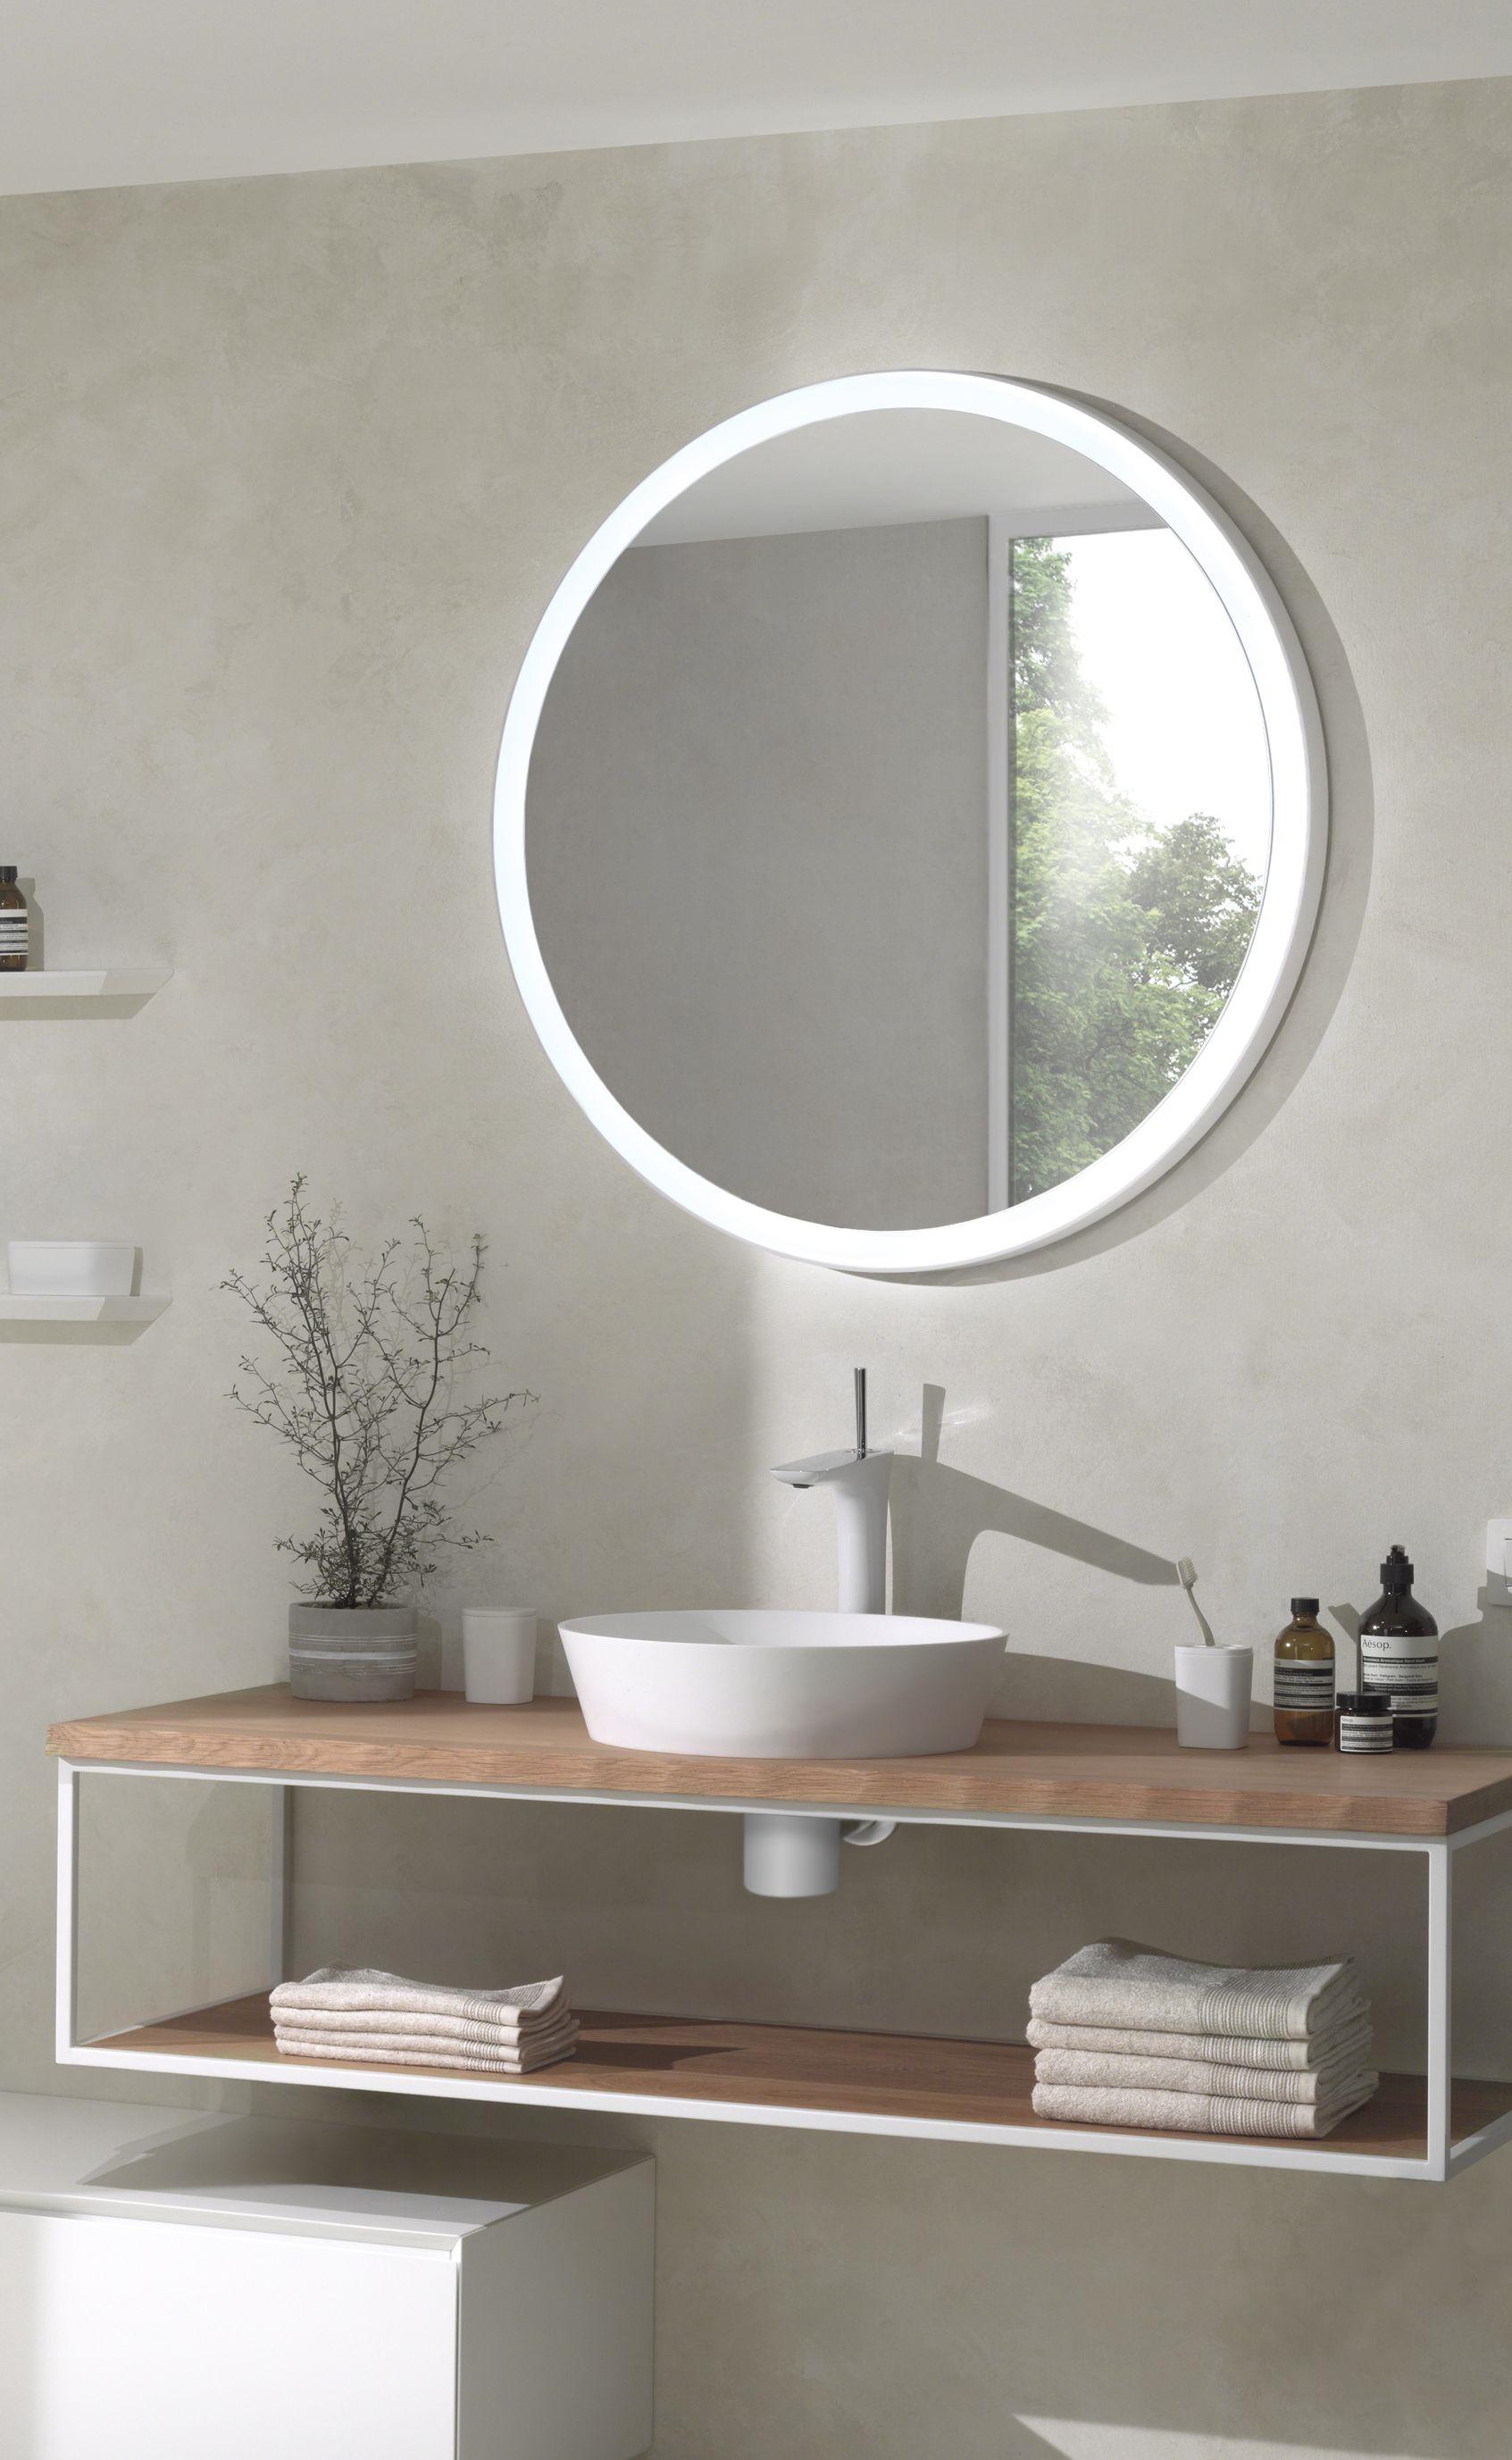 Een Prachtige Ronde Spiegel Met Directe Verlichting Zonder